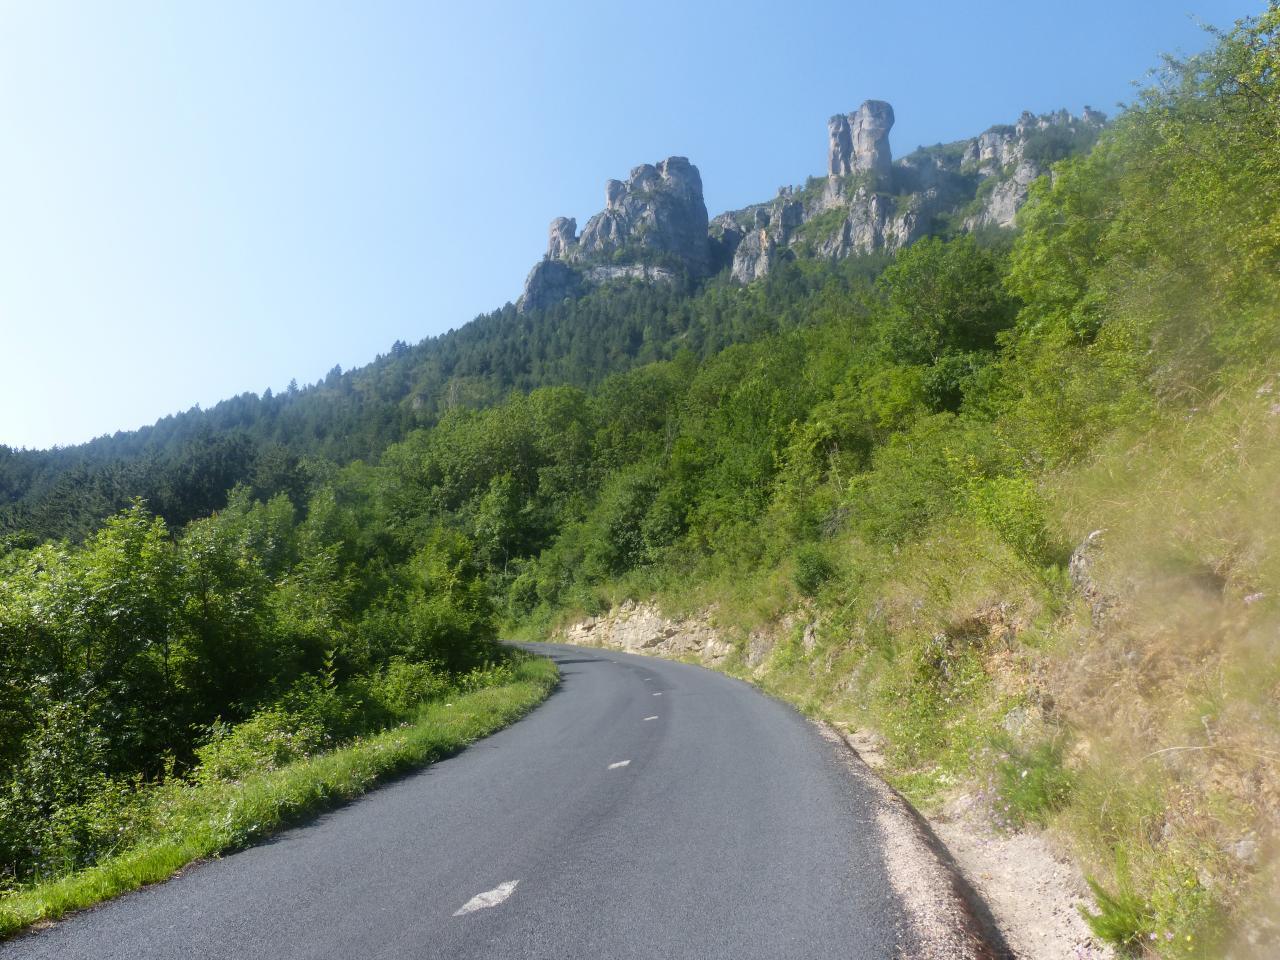 Circuit vélo Aven Armand/St Enimie/gorges du Tarn